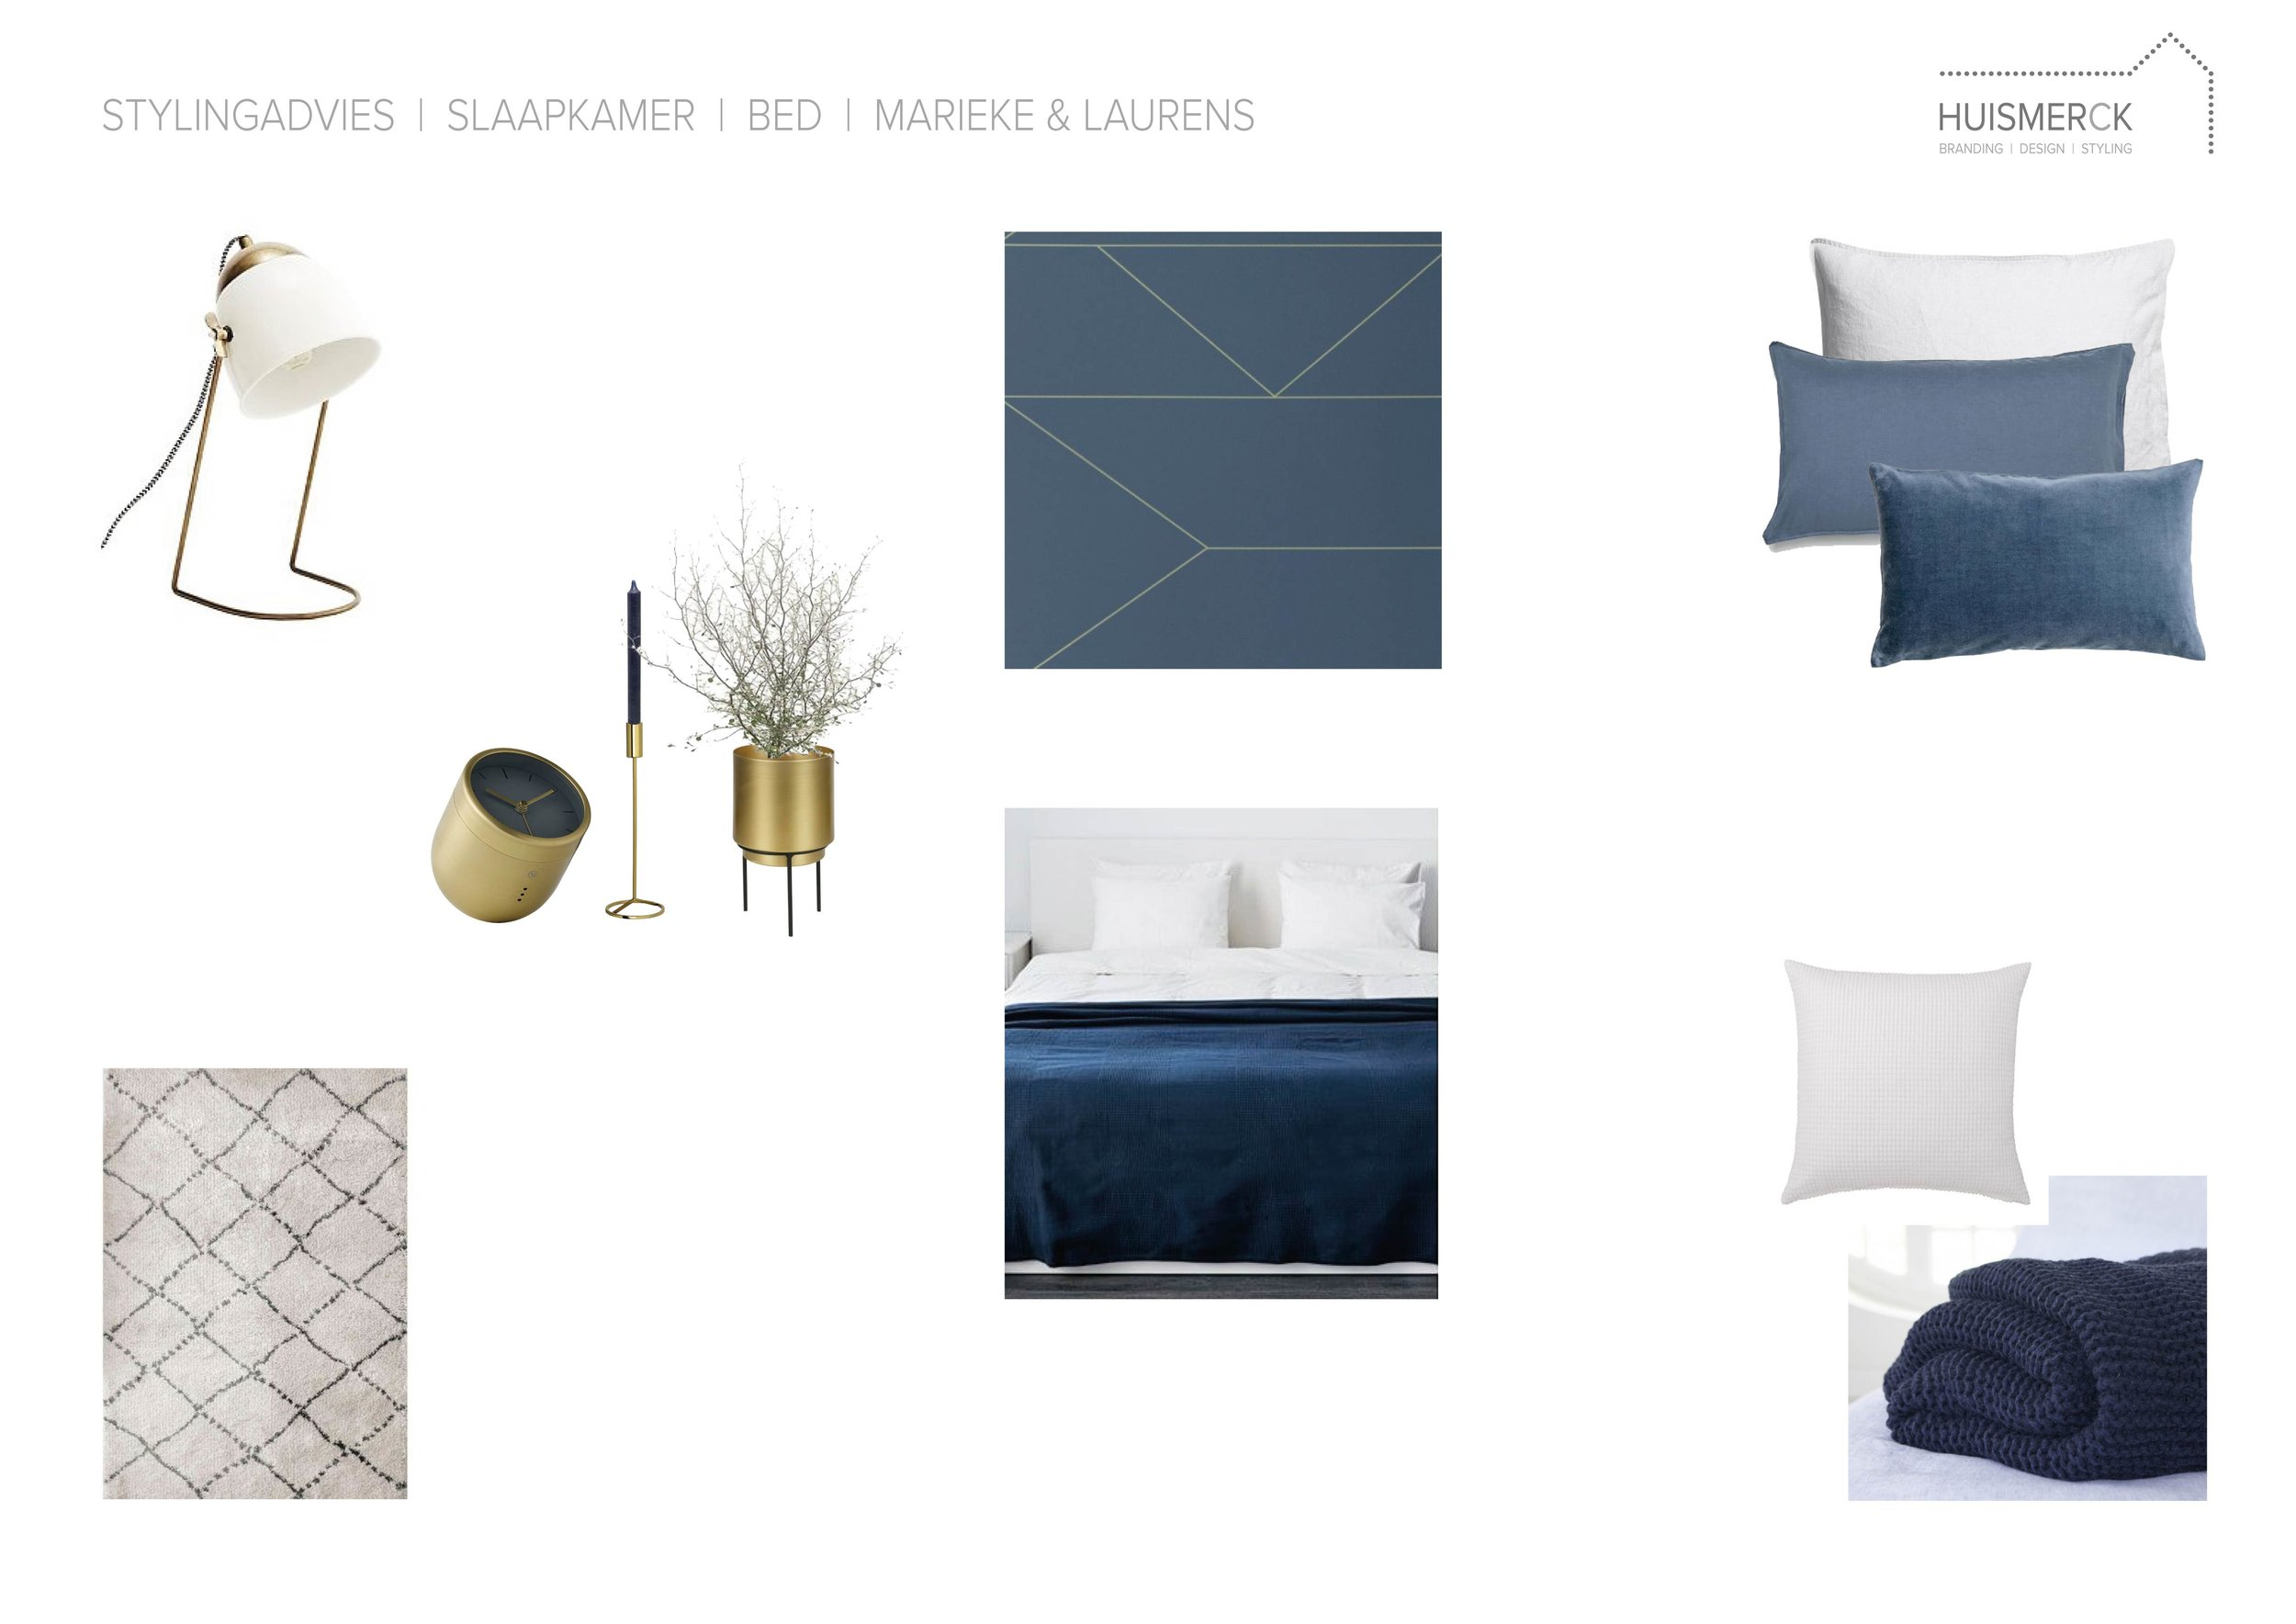 HUISMERCK®_Stylingadvies_Slaapkamer_master_bedroom_beddengoed_blauw_bed_M&L_Enschede-01.jpg